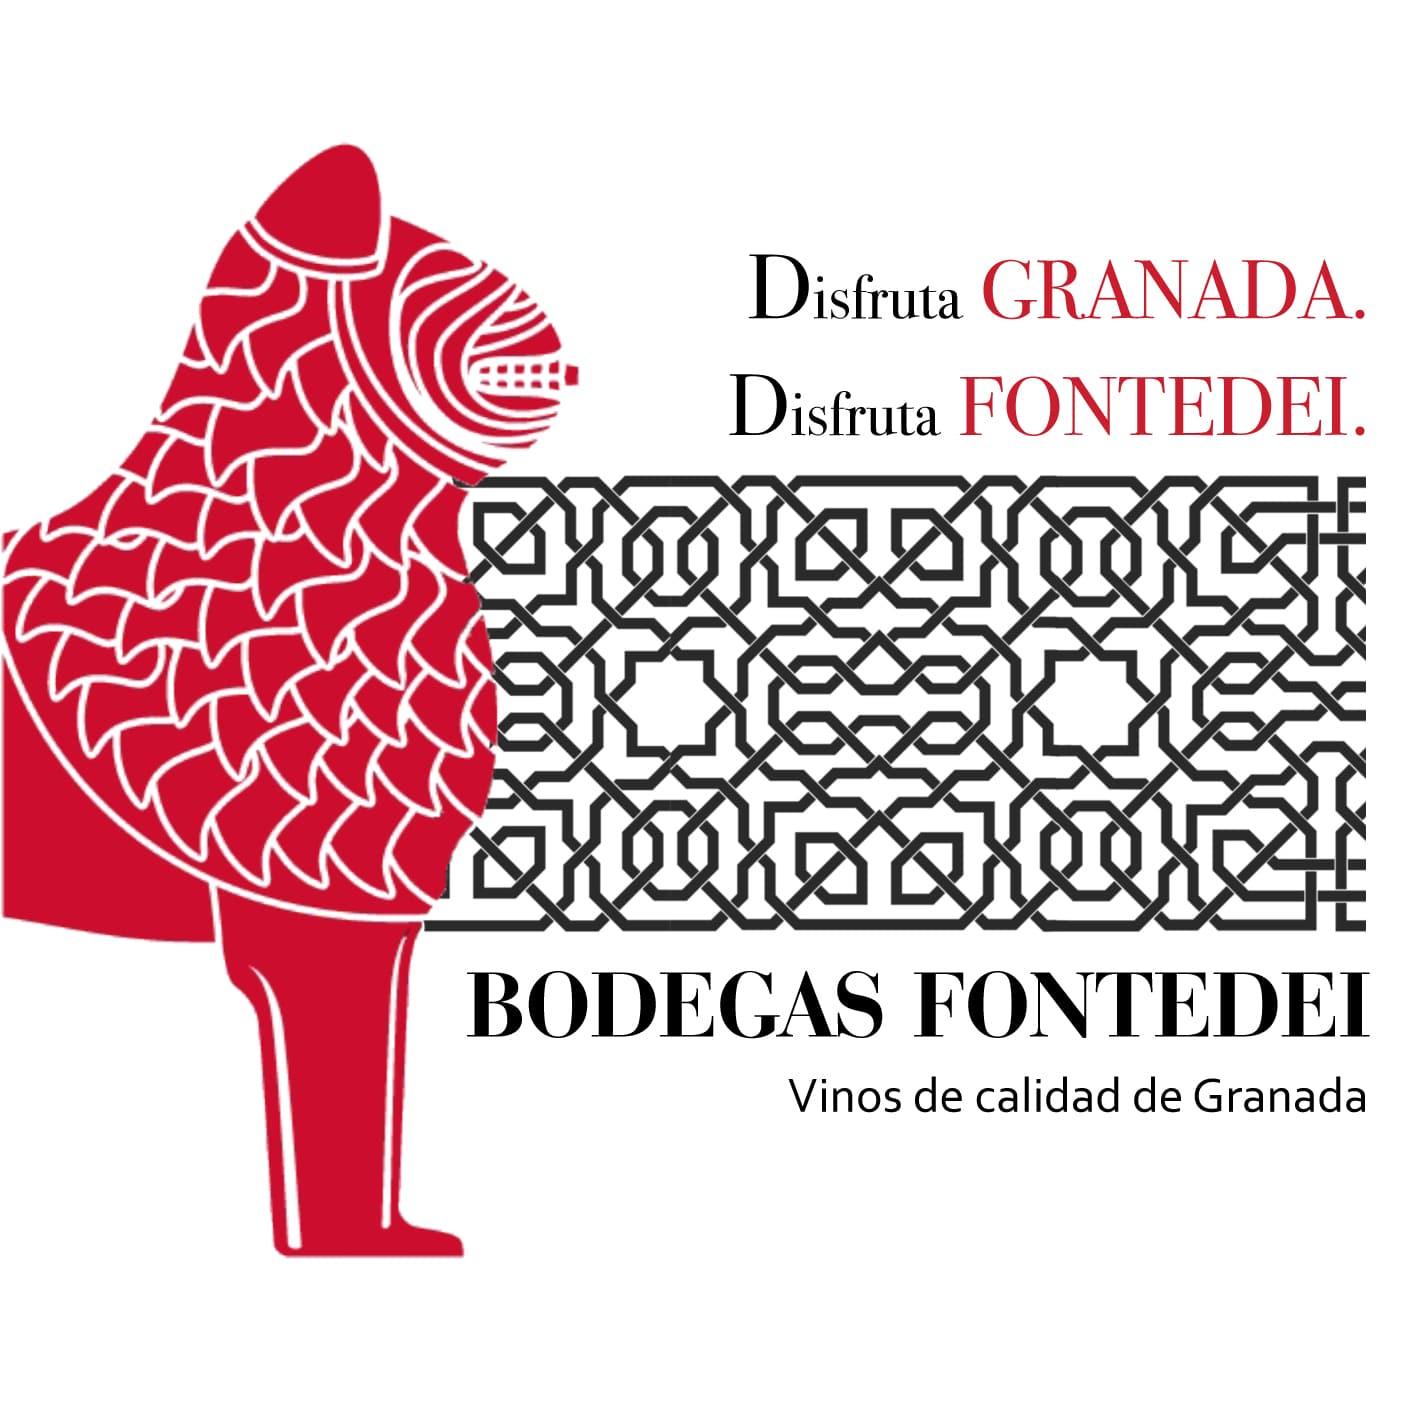 Logo Bodegas Fontedei - Sabor Granada